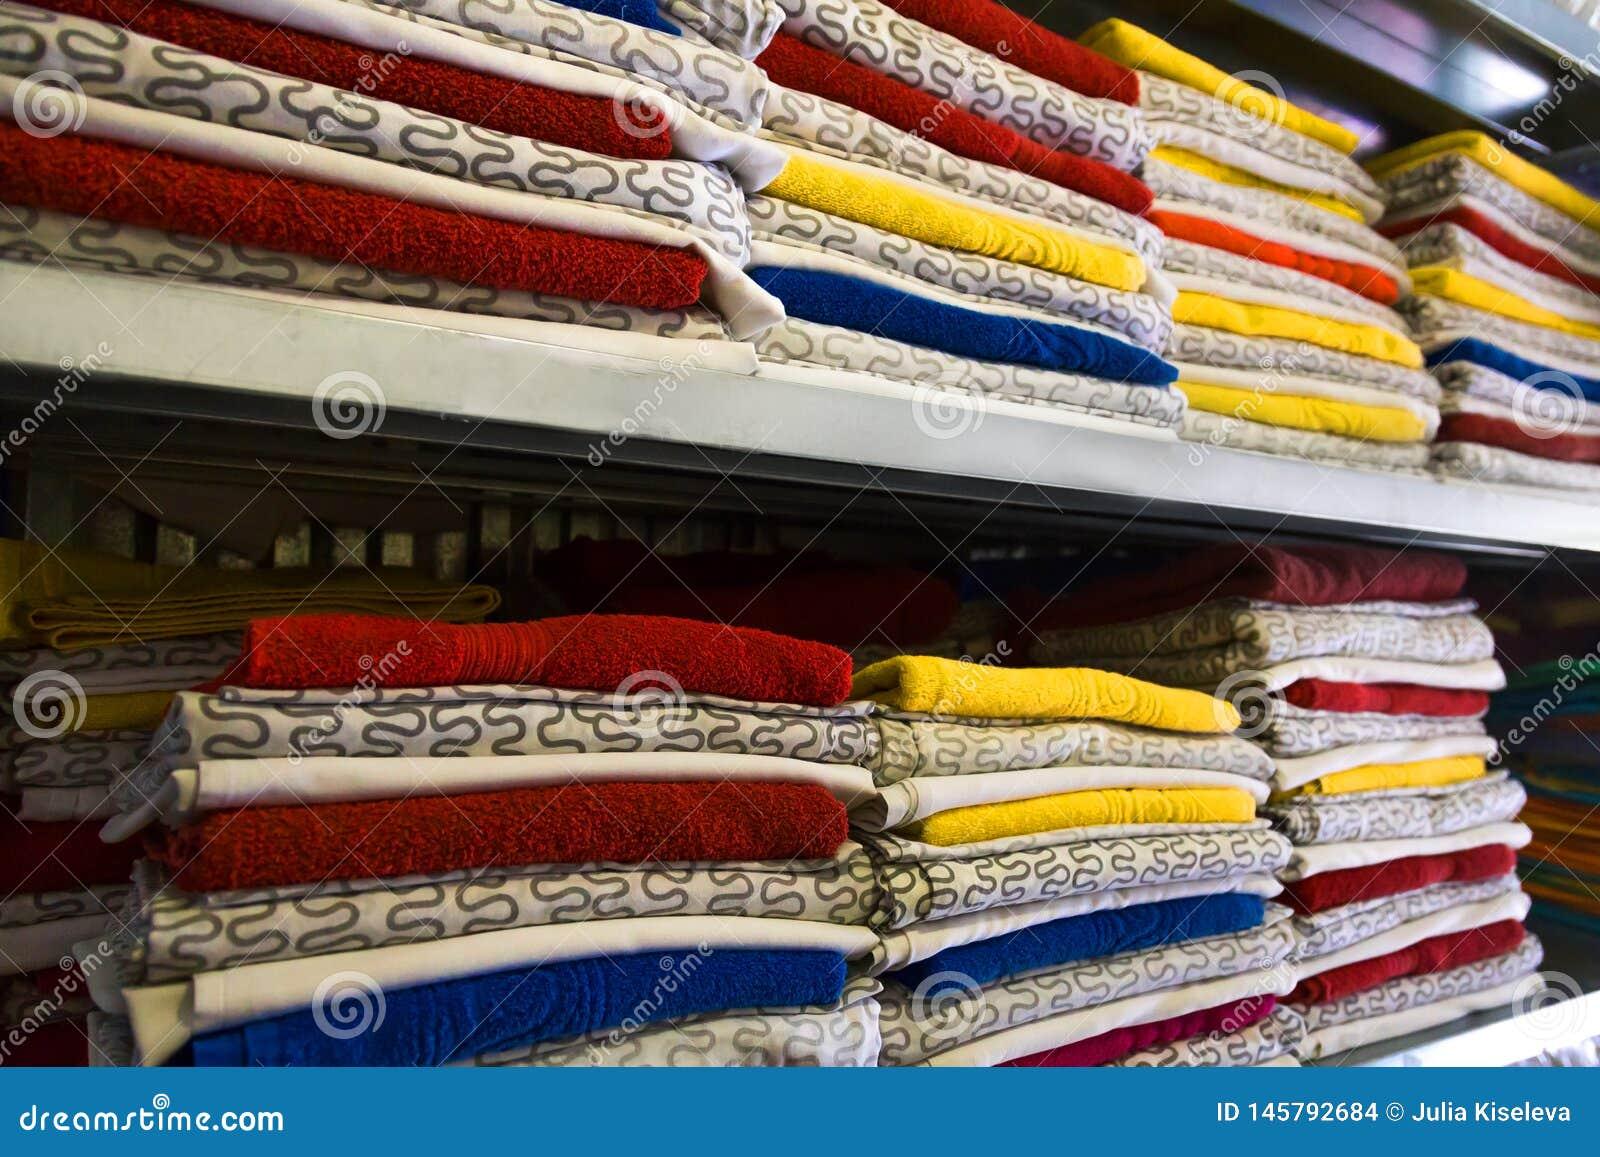 Свежие полотенца гостиницы и постельное белье штабелированы на полке